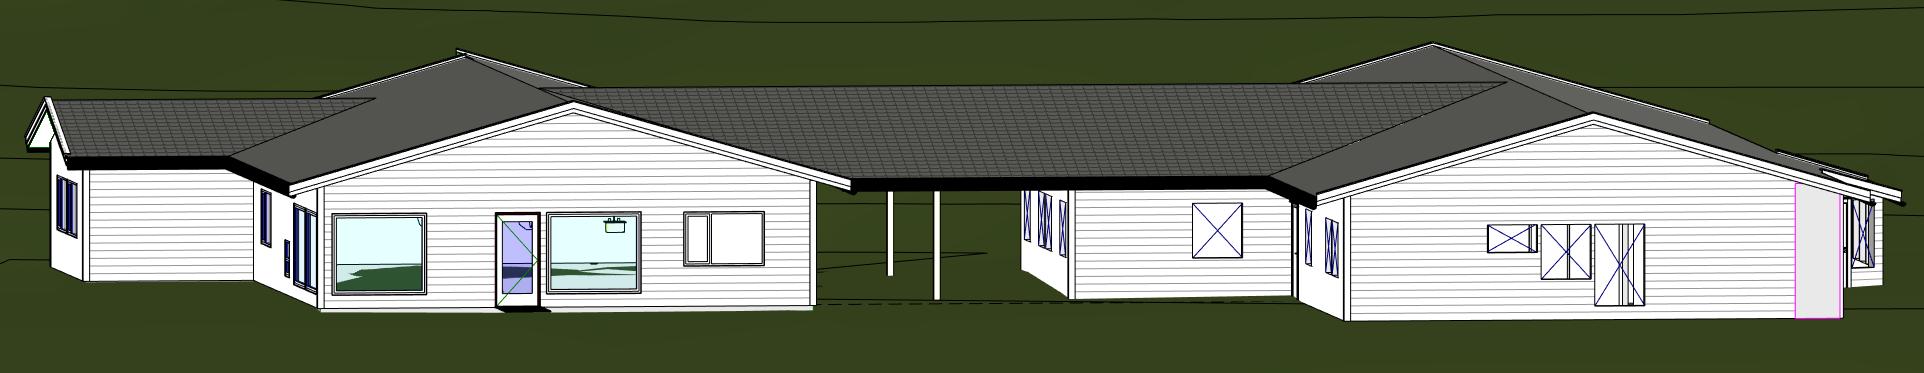 Illustrasjon av barnehagen med det nye tilbygget til venstre.